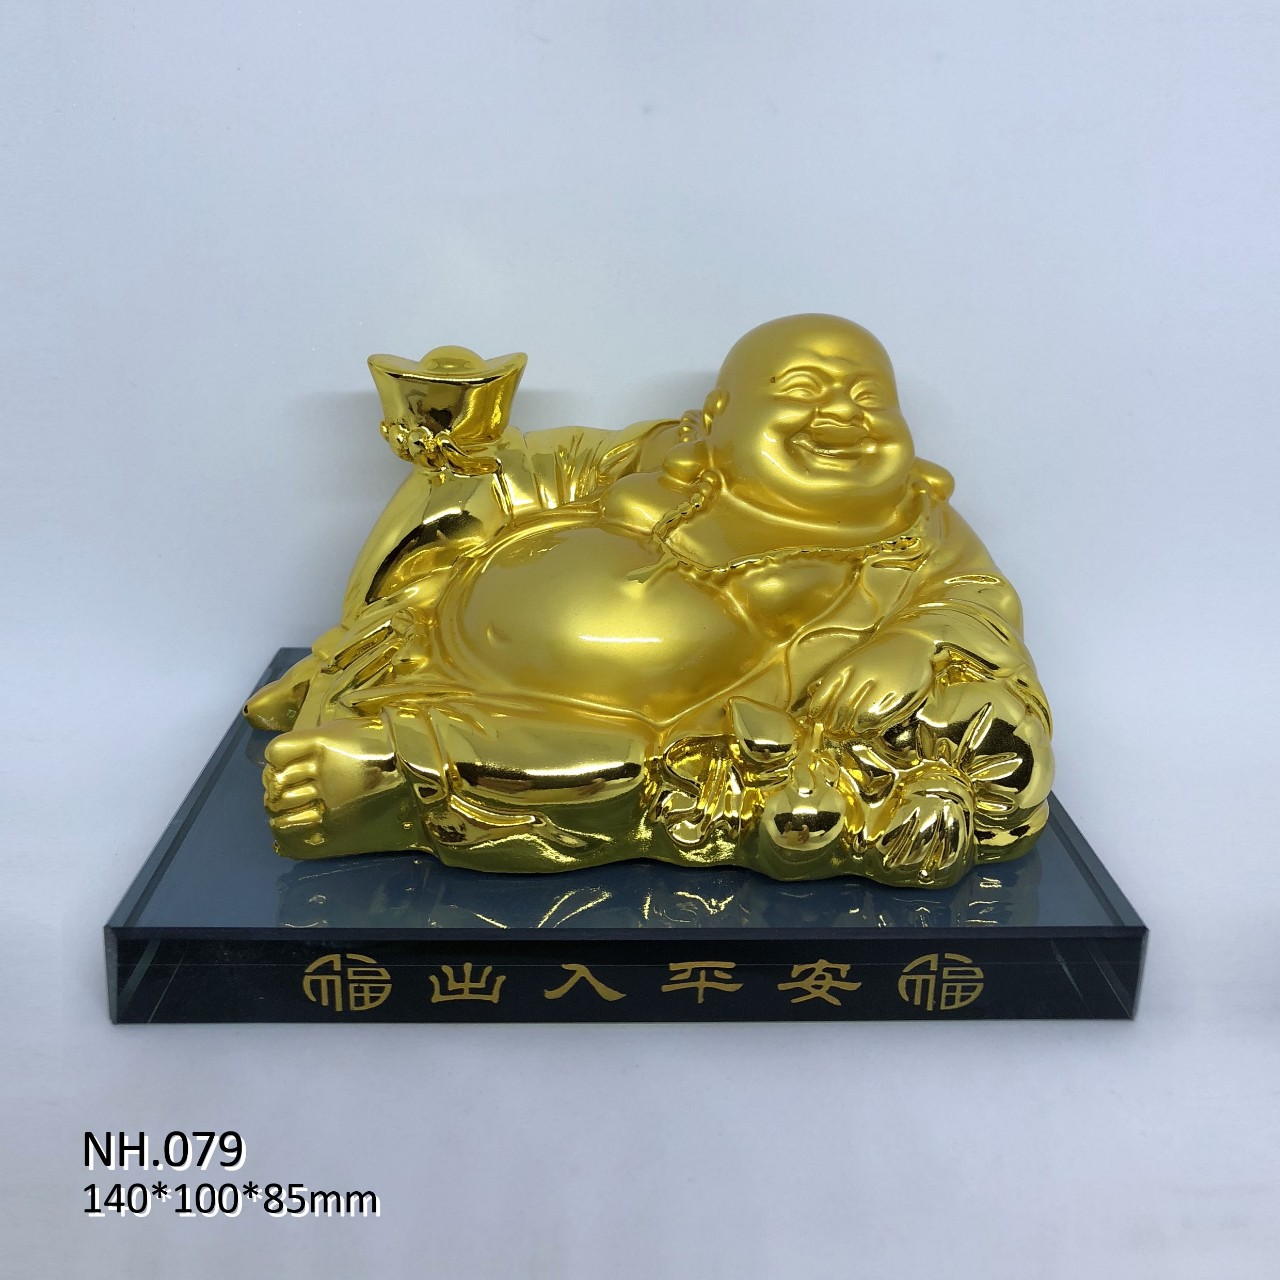 Phong thủy - Phật NH079 140x100x85mm giá sỉ và lẻ rẻ nhất